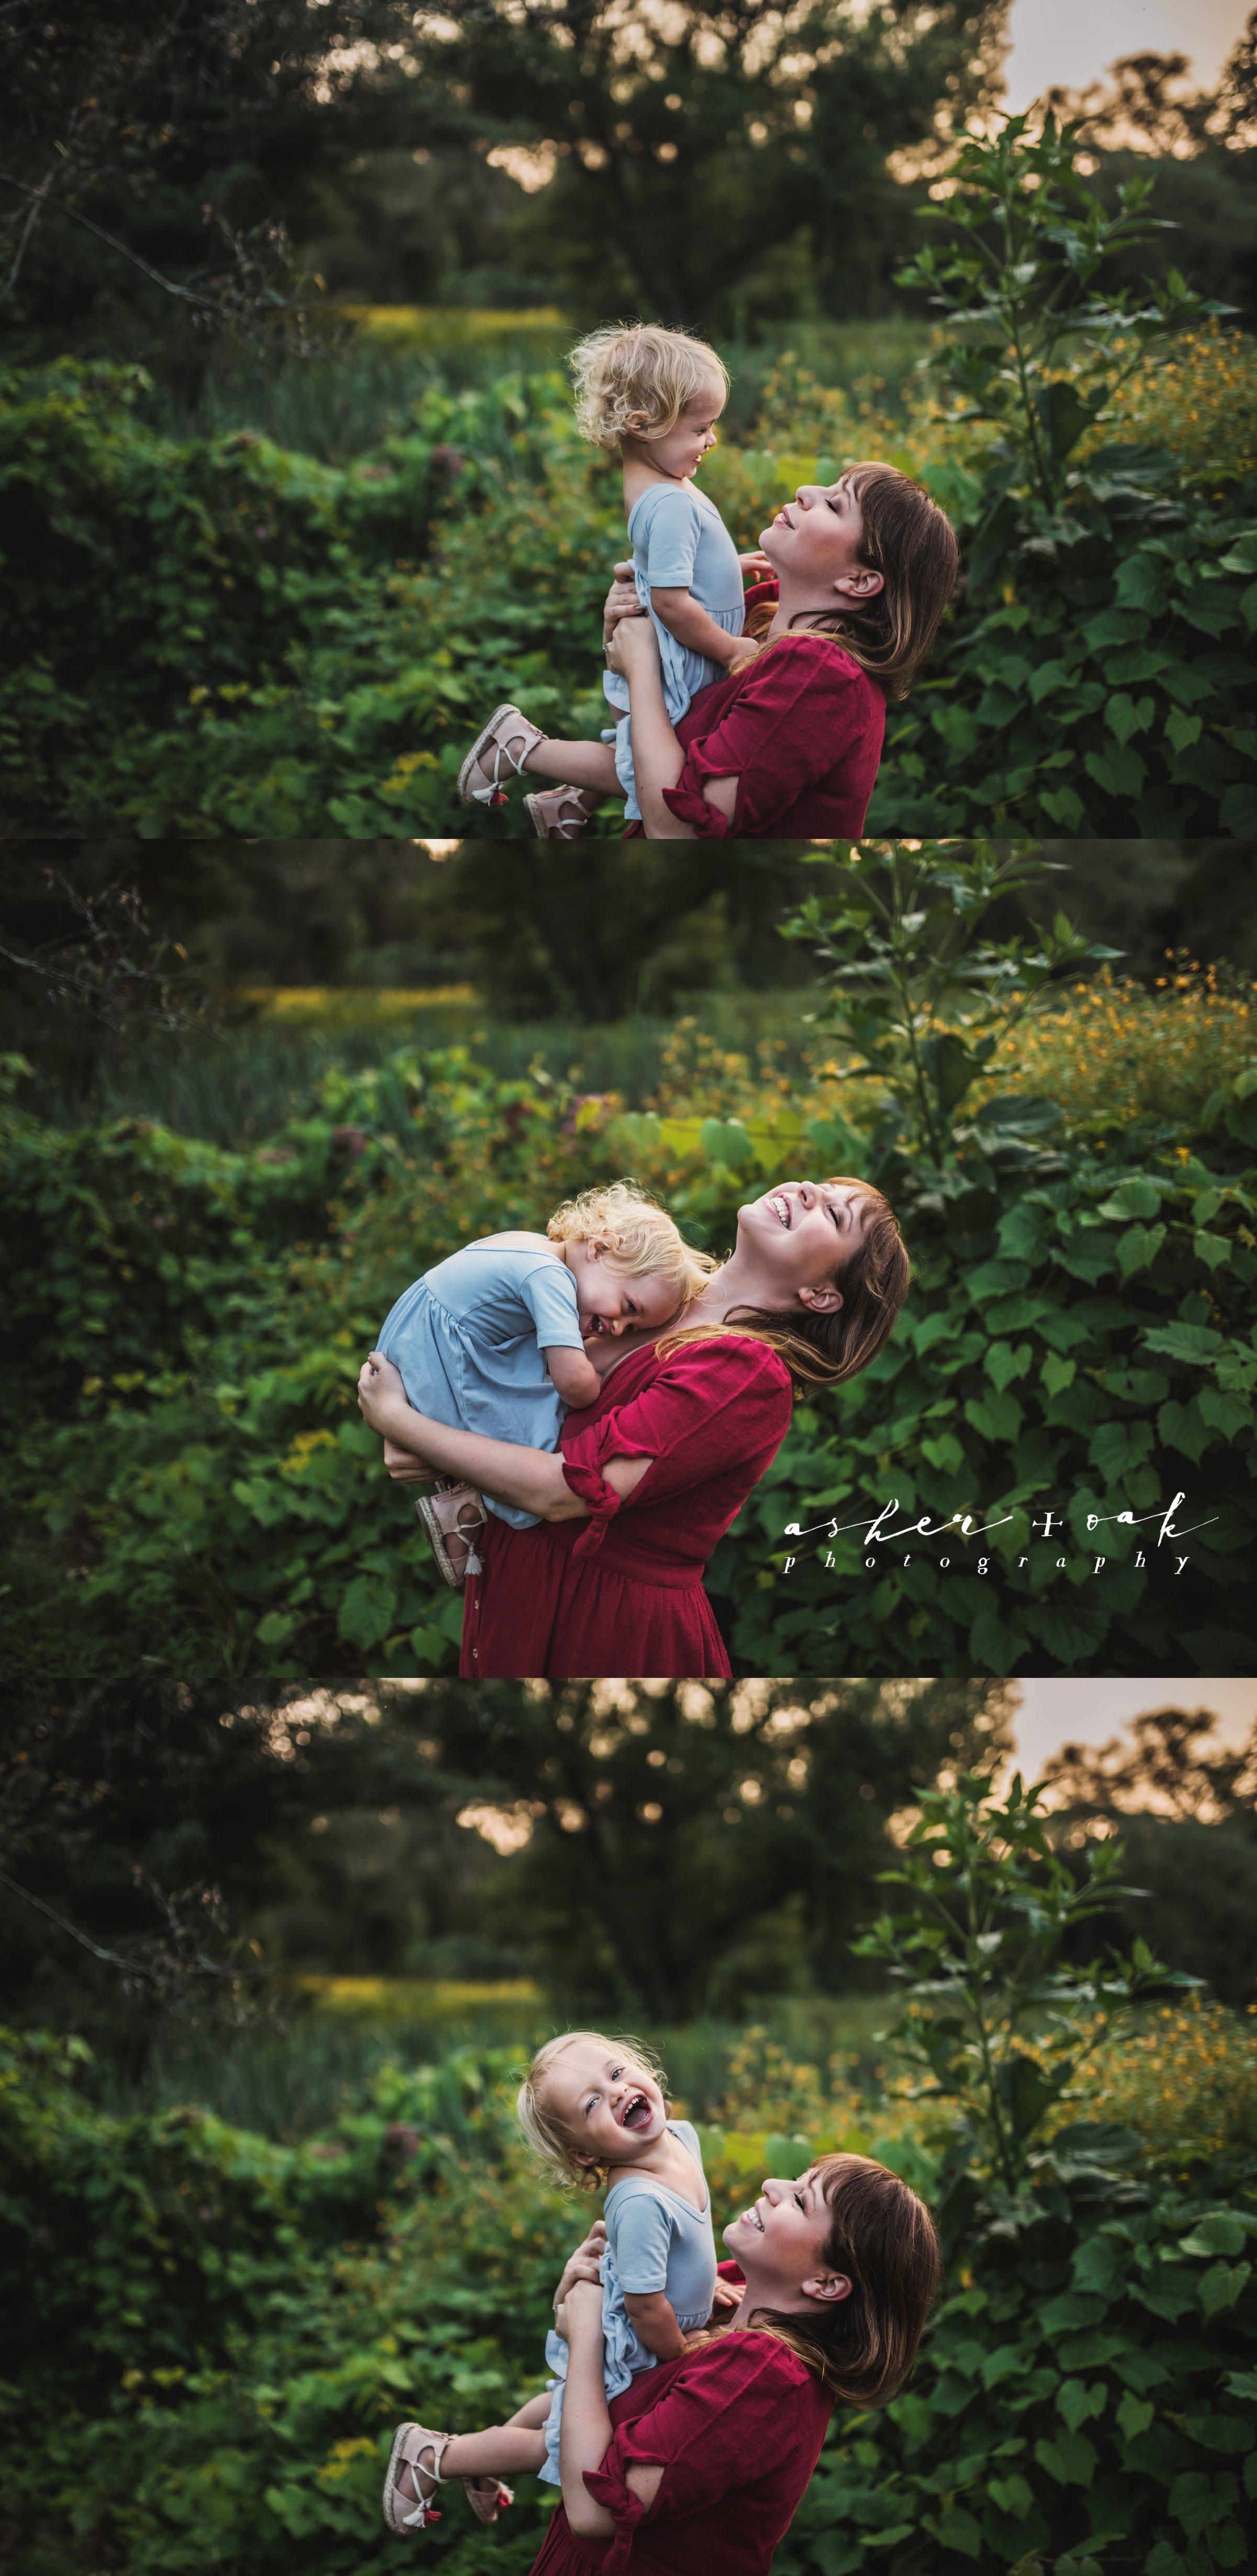 Massachusetts_Family_Photographer_Portrait_Motherhood_Mom_Toddler_Arnold_Arboretum_Boston_Asher_and_Oak_Photography.jpg